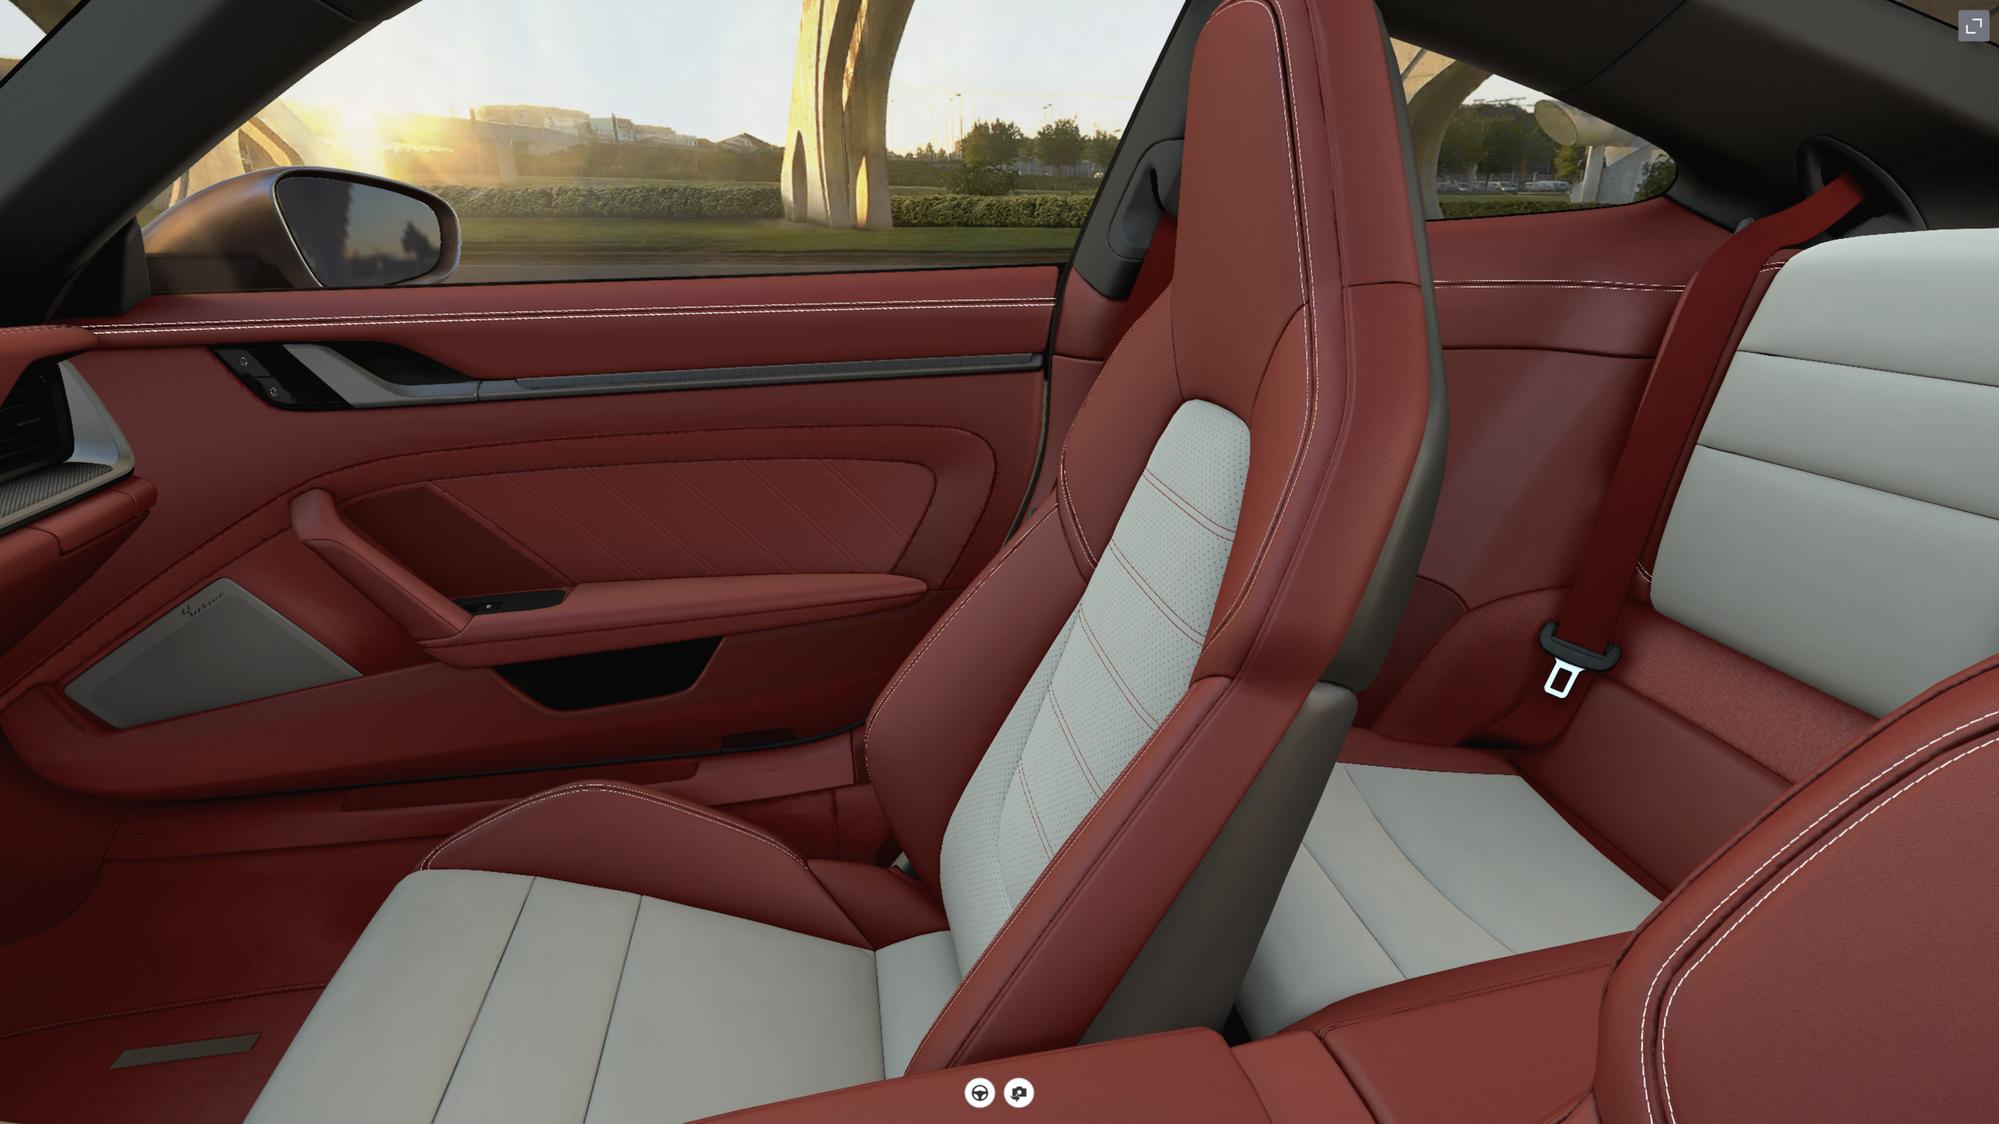 Actual Photos Of 930 Leather Option Rennlist Porsche Discussion Forums